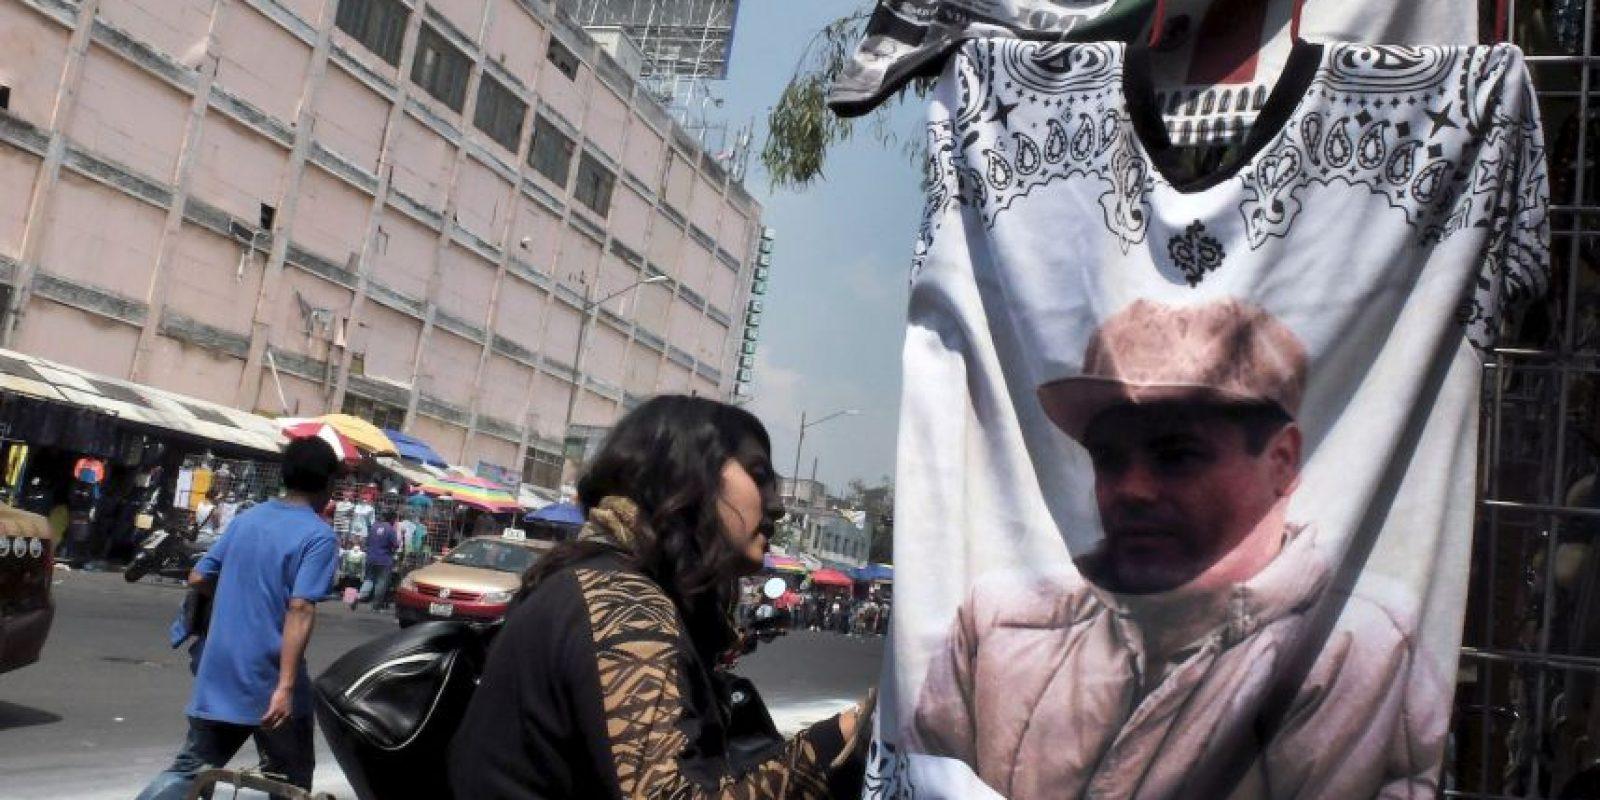 La última vez que se le ubicó en las cámaras de seguridad fue a las 20:52 horas Foto:AFP